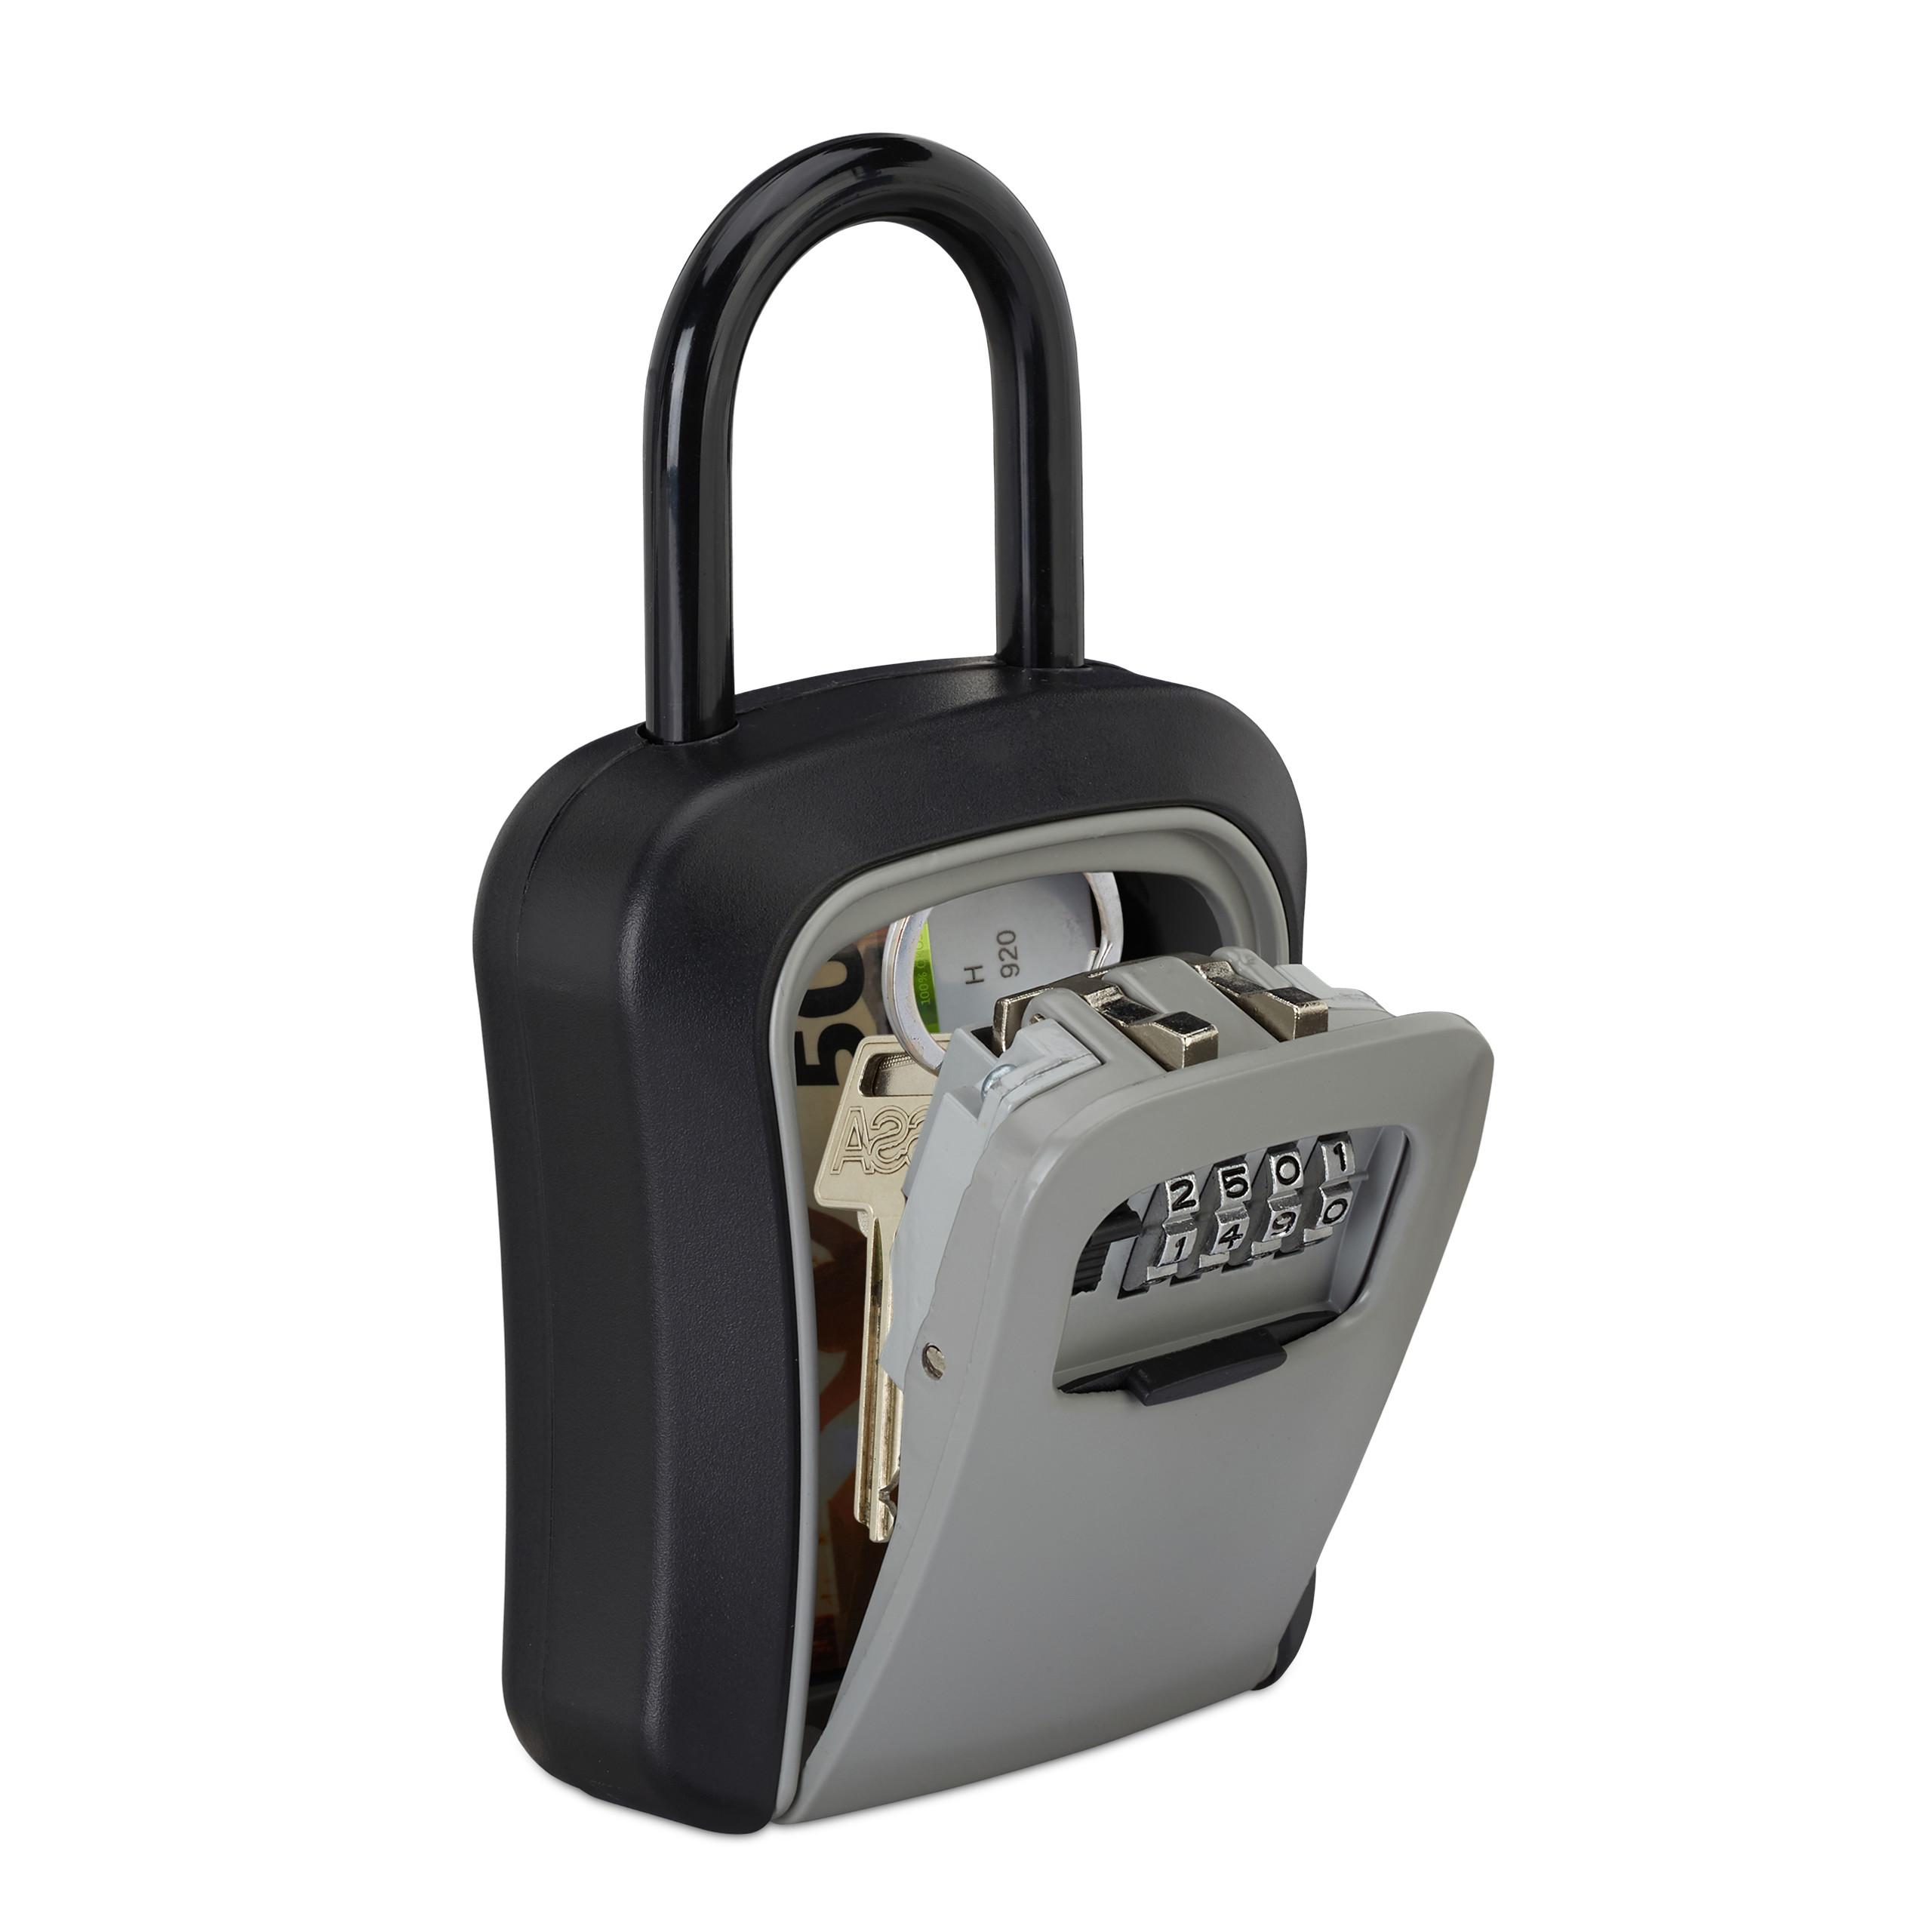 Schlüsselsafe Schlüsseltresor Keysafe Zahlenschloss Minitresor Wandmontage Haus